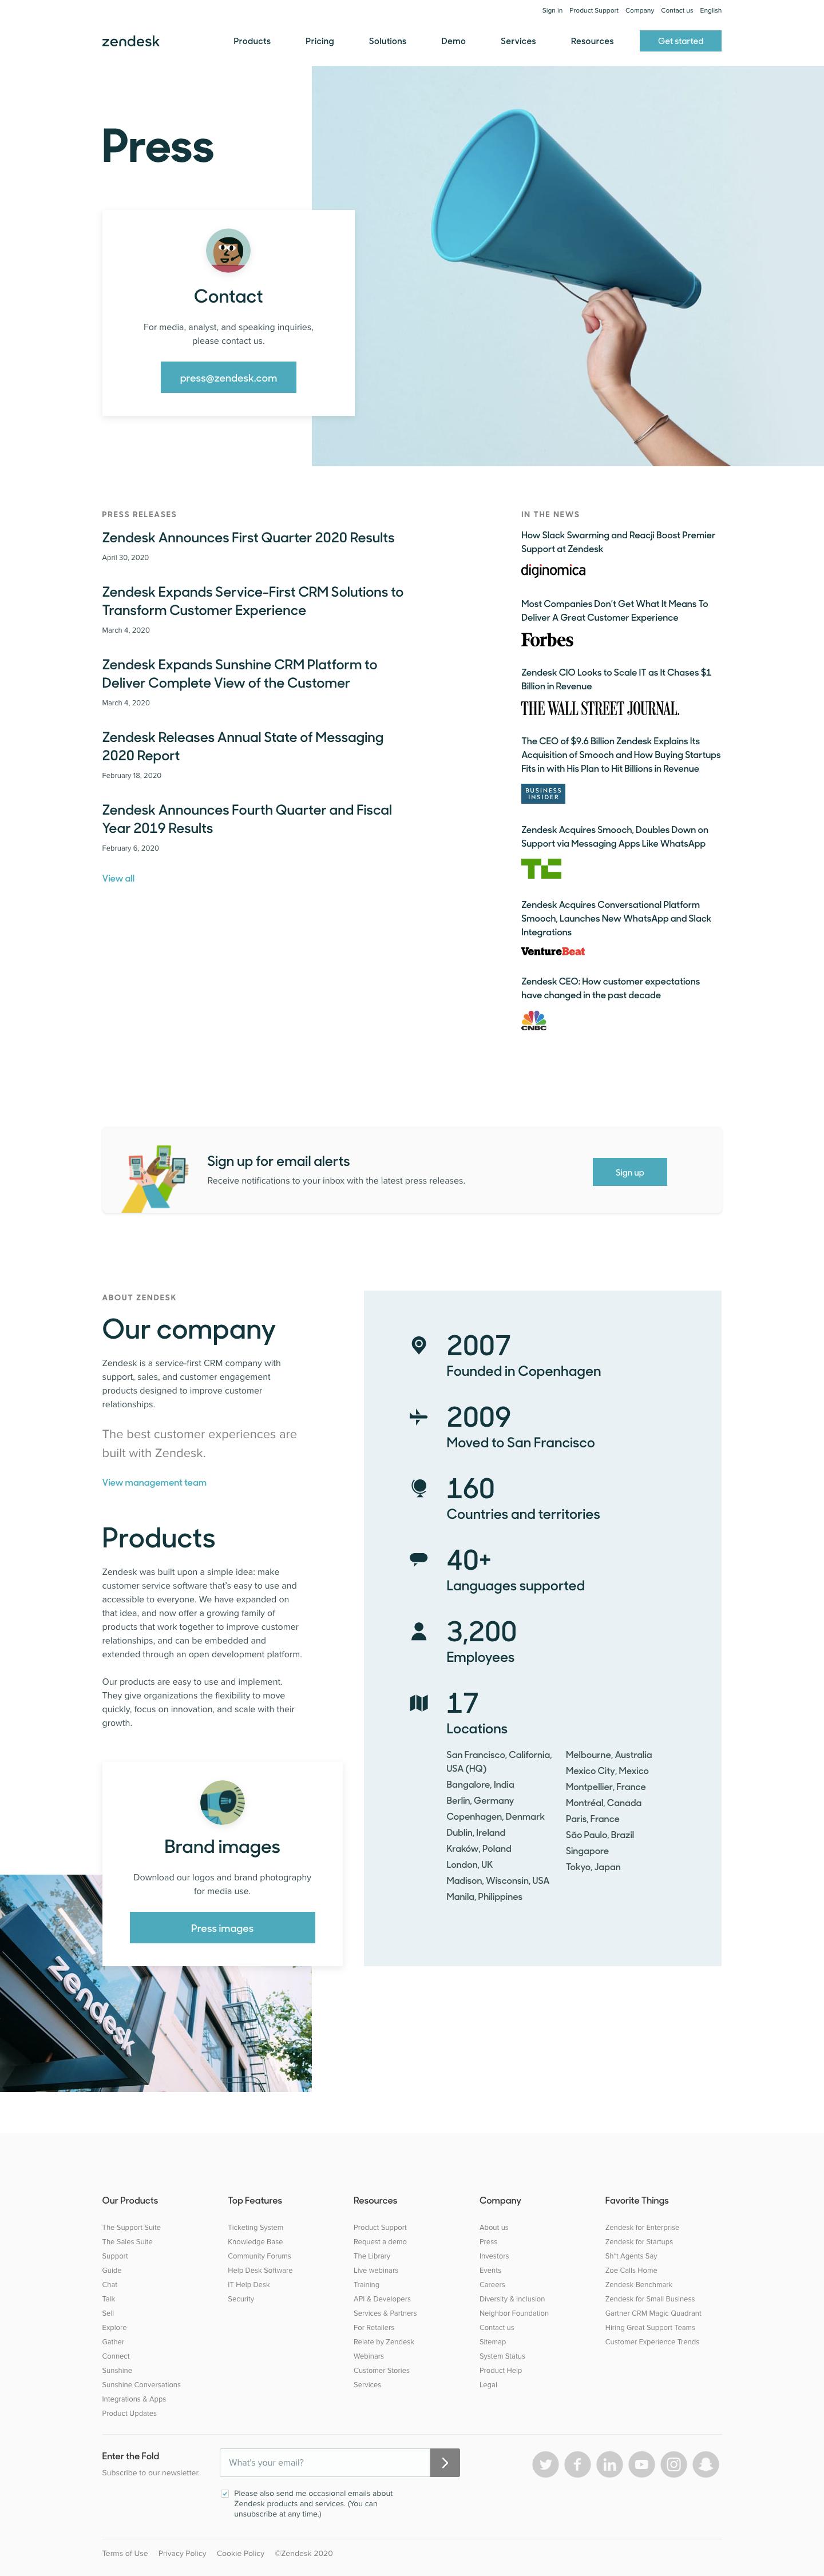 Zendesk Press Page